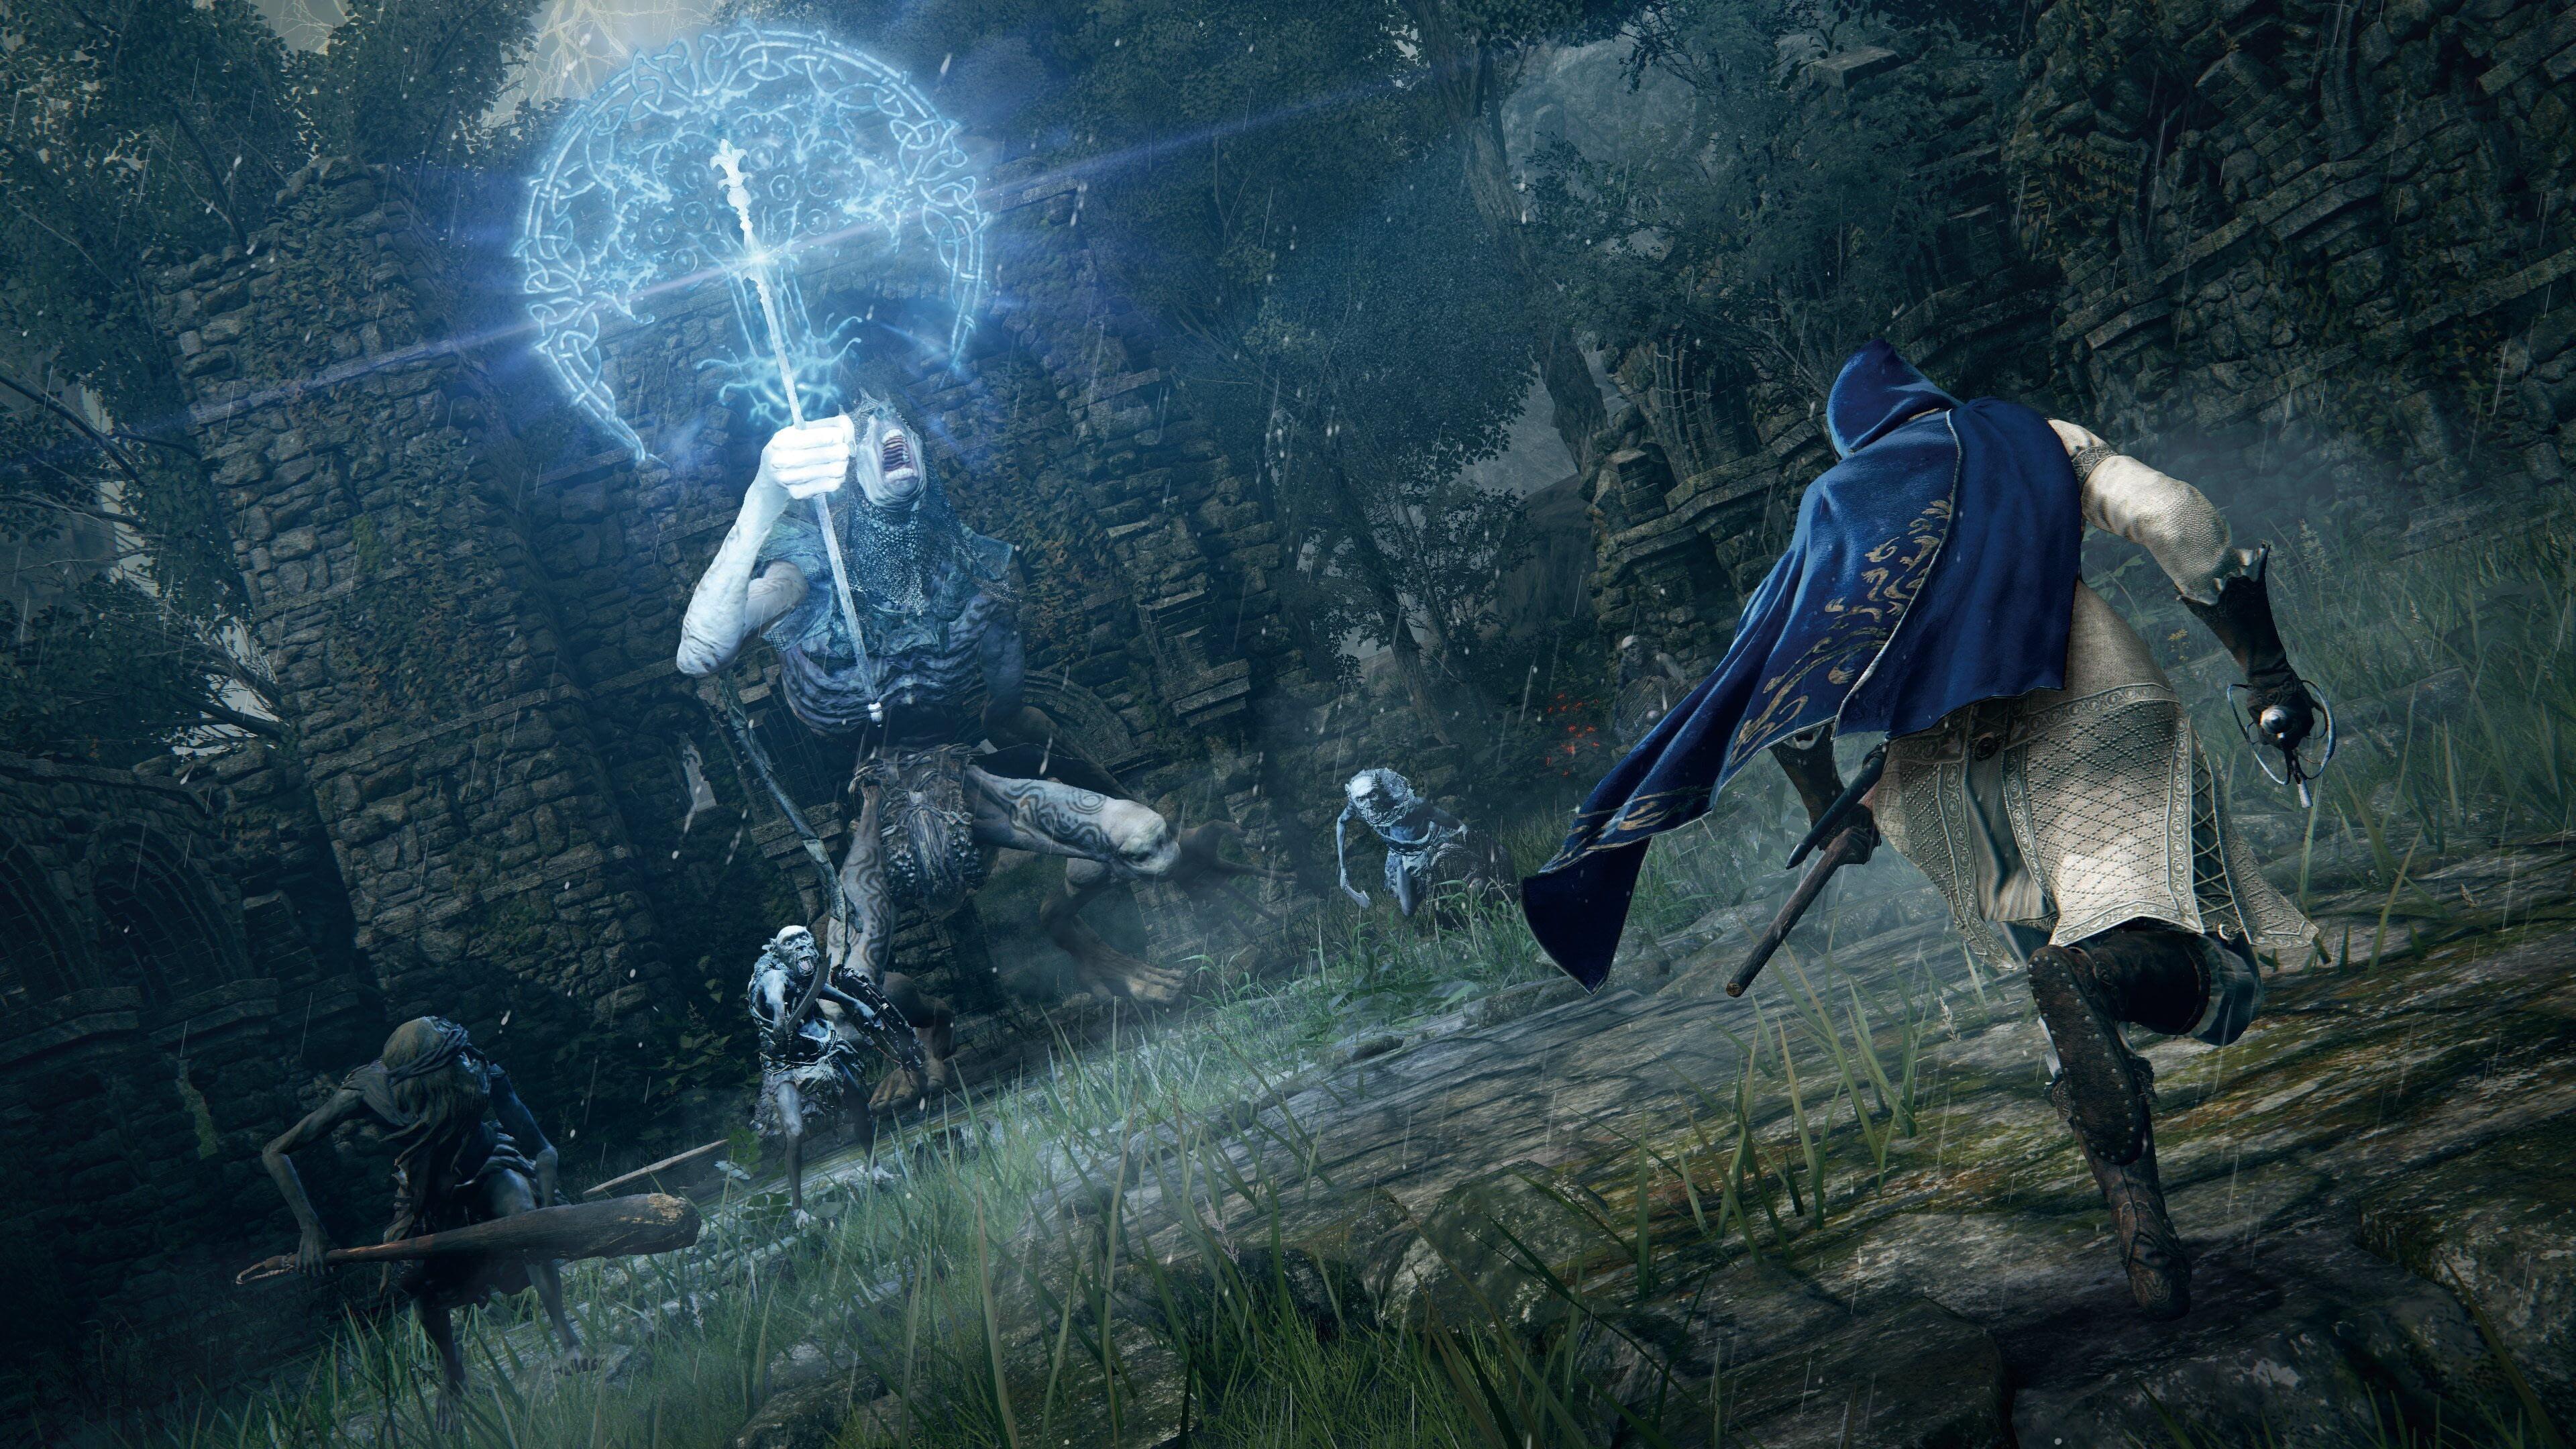 Первые впечатления с закрытого показа Elden Ring на gamescom 2021